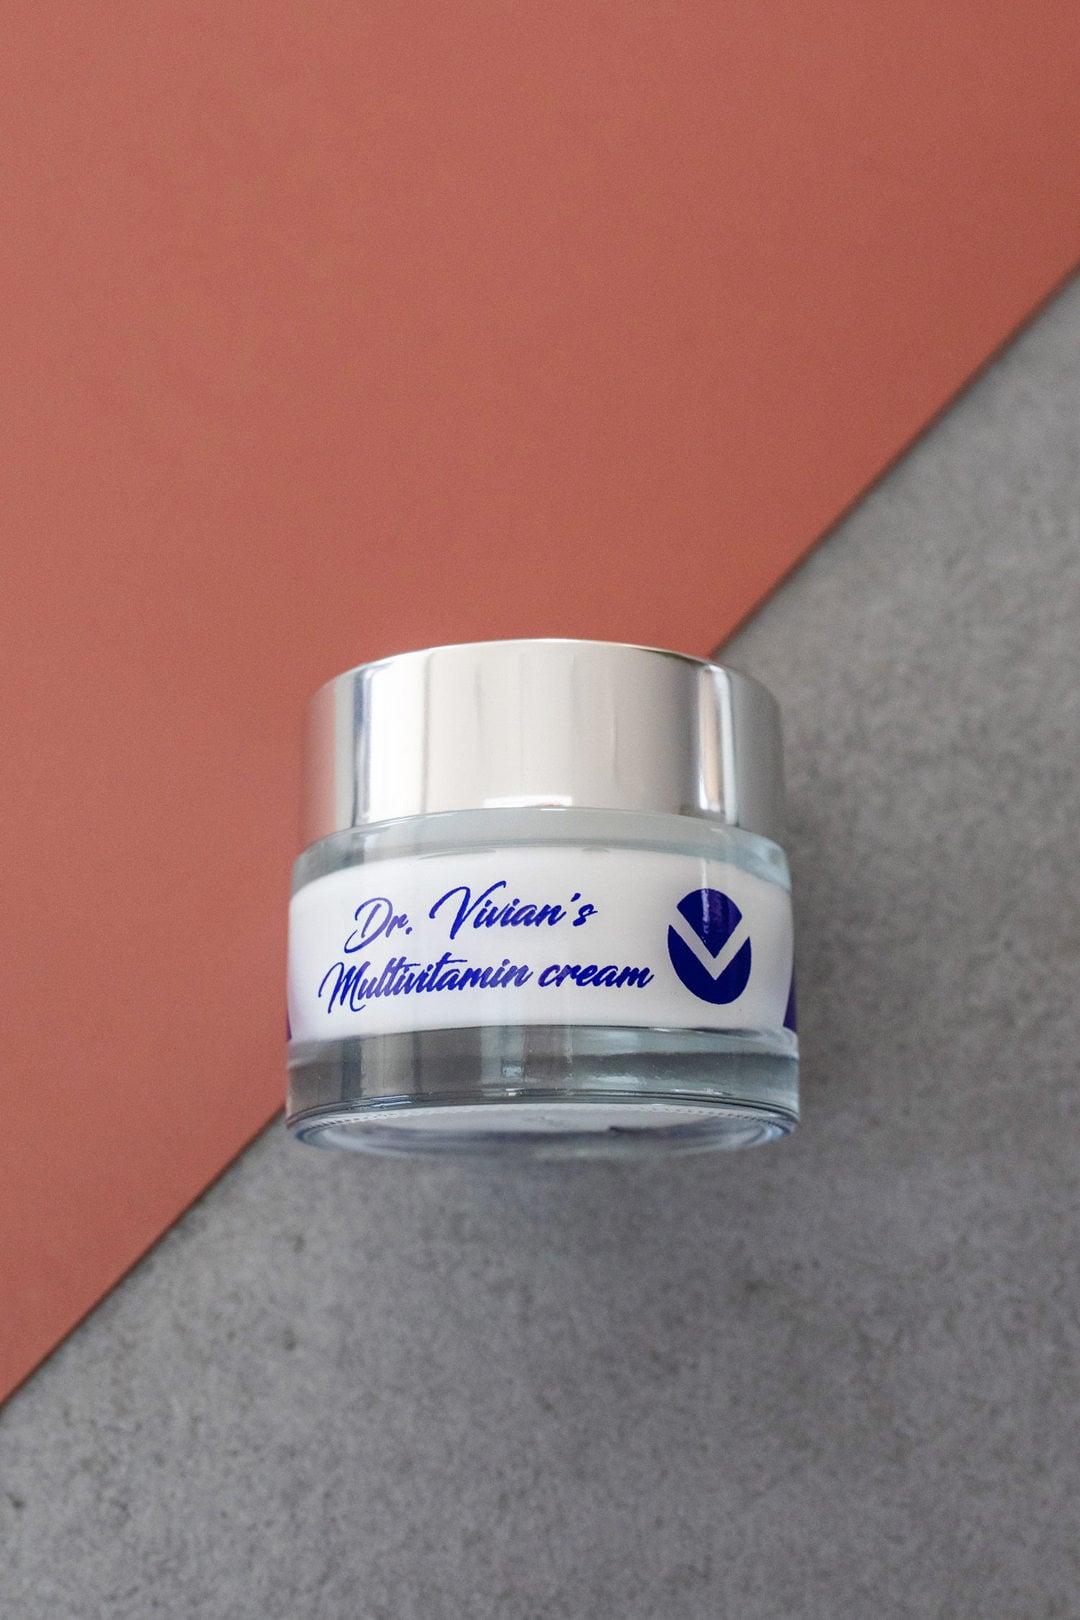 Dr. Vivian's